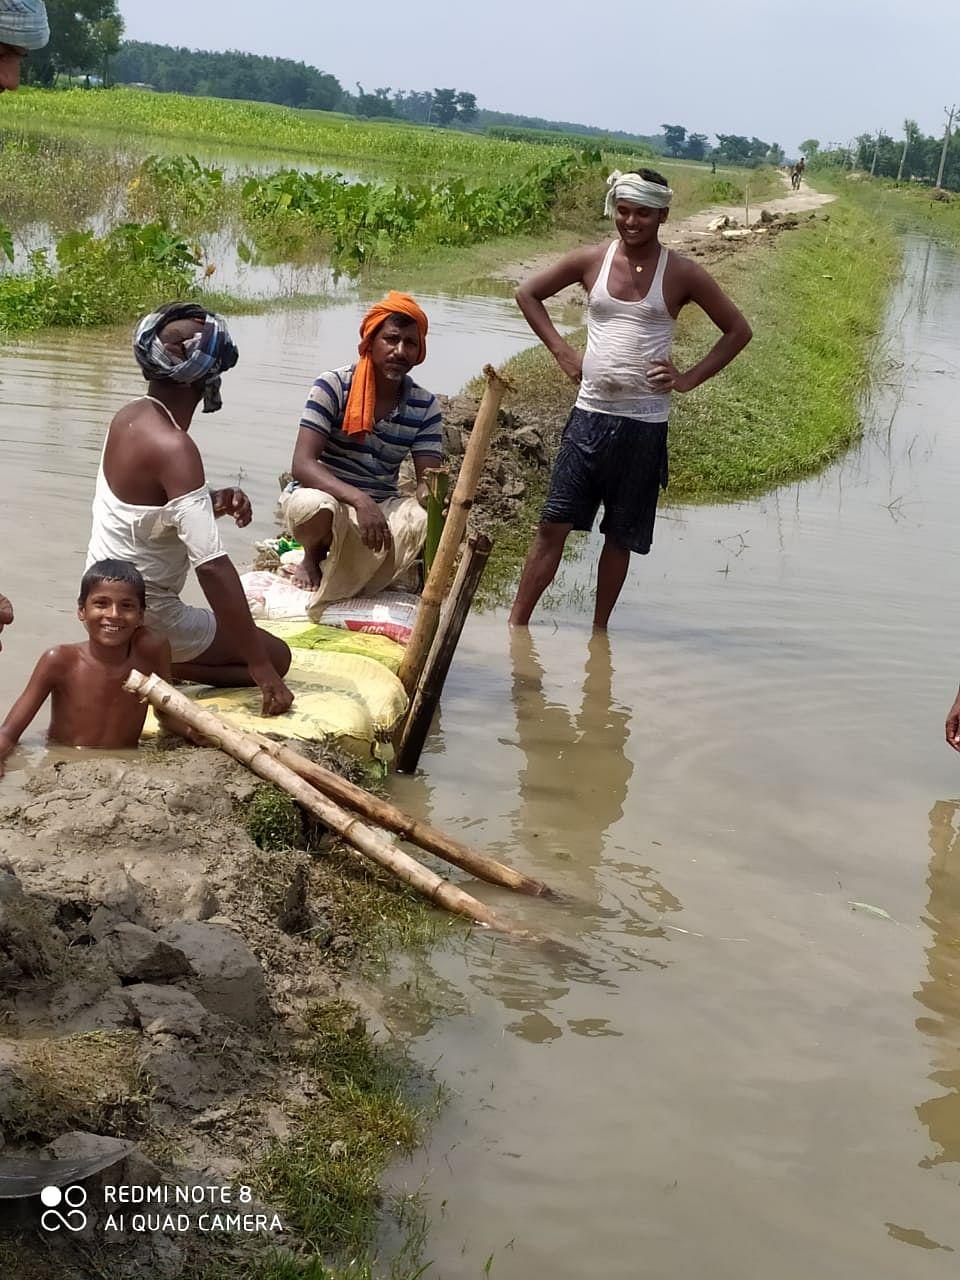 बिहार में 18 हजार से अधिक तालाब-आहर-पइन और कुओं पर है अवैध कब्जा, सरकार अब करेगी अतिक्रमण मुक्त